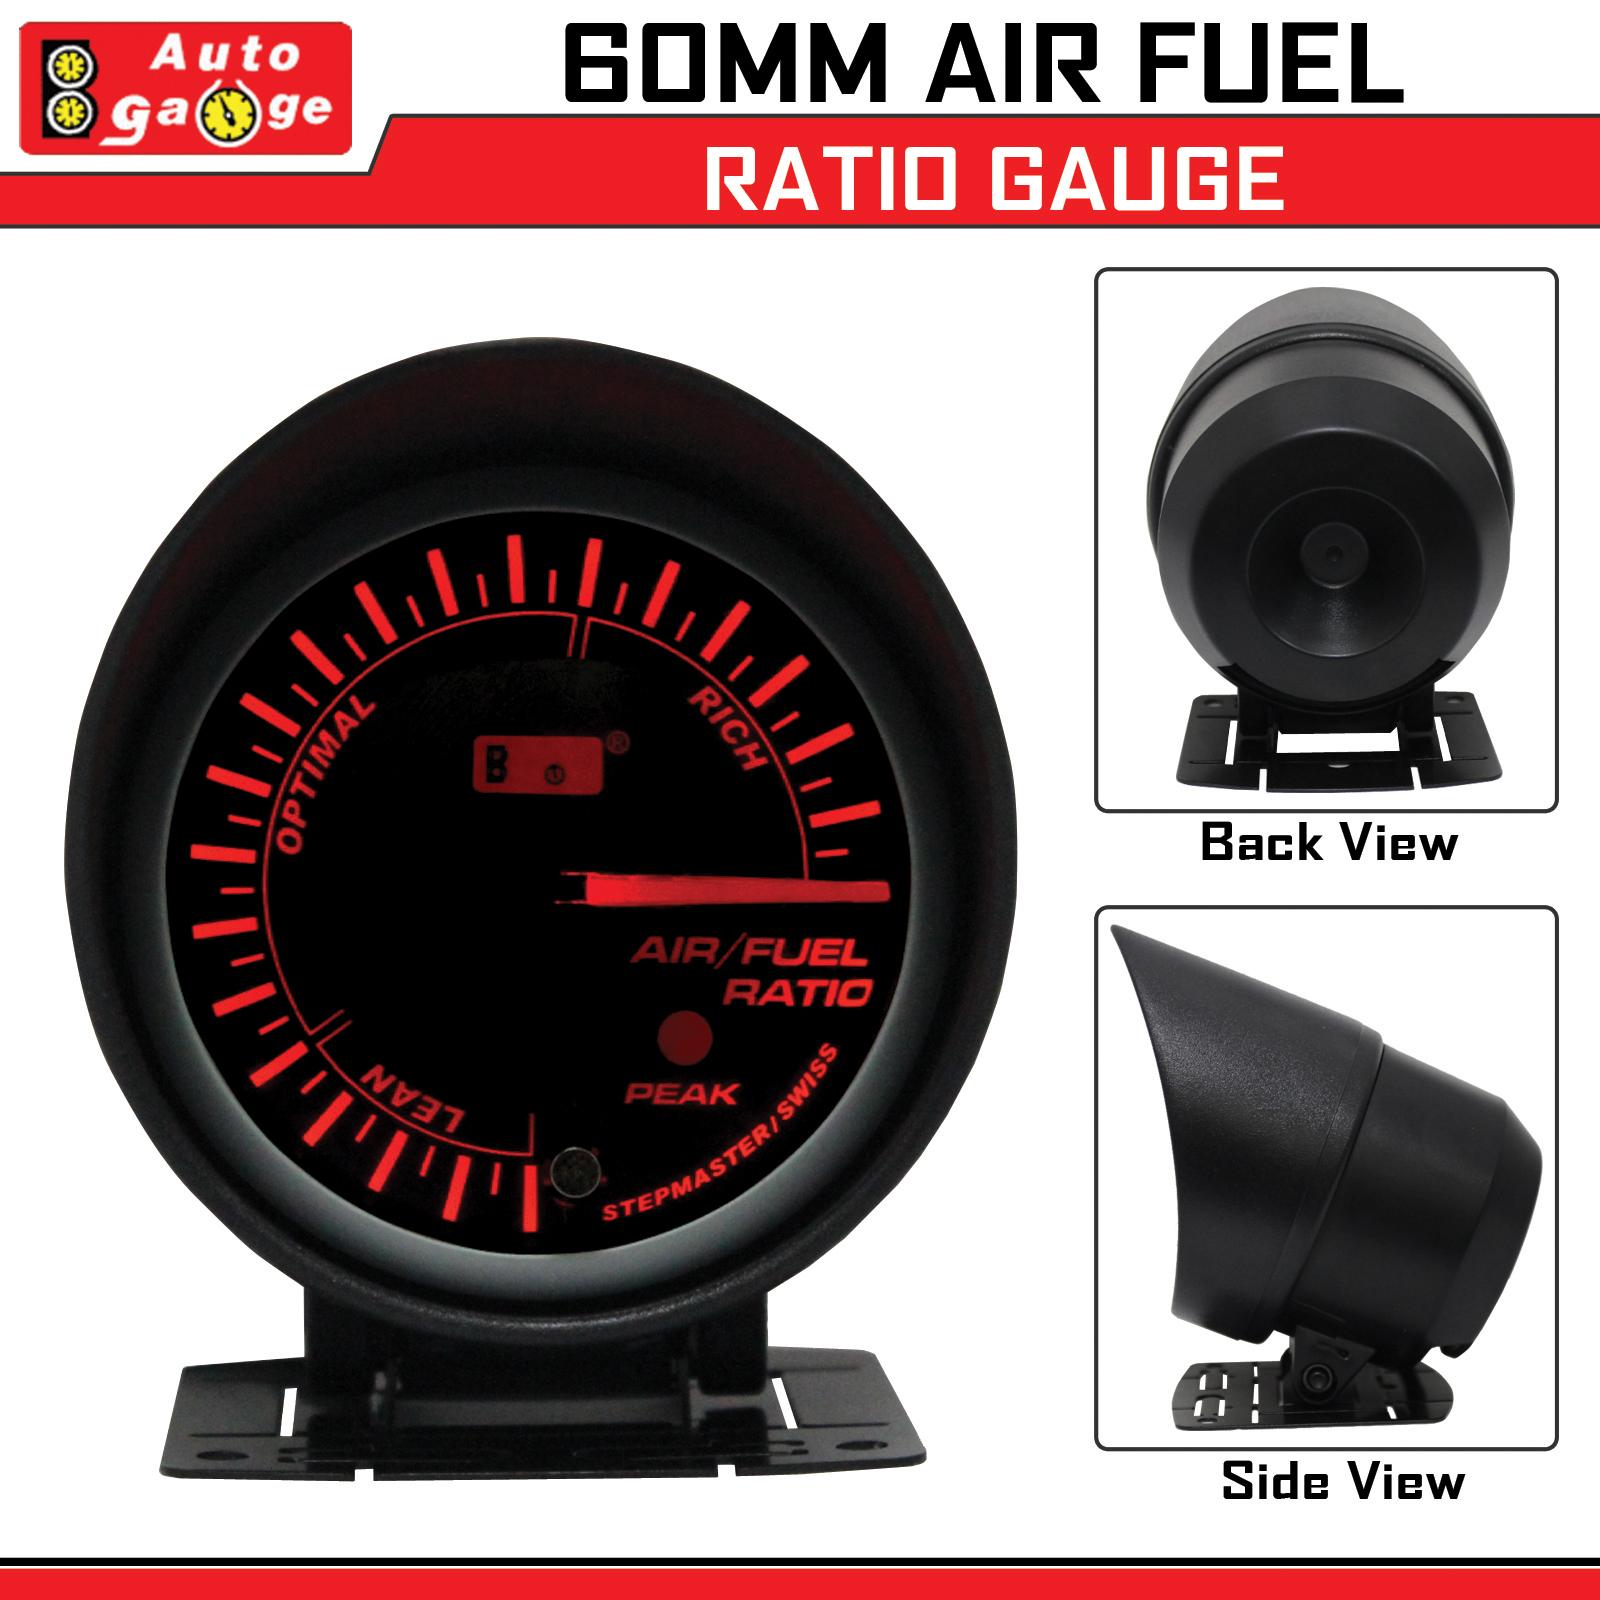 Auto Gauge Stepper Motor Smoke Face 60mm Air Fuel Ratio